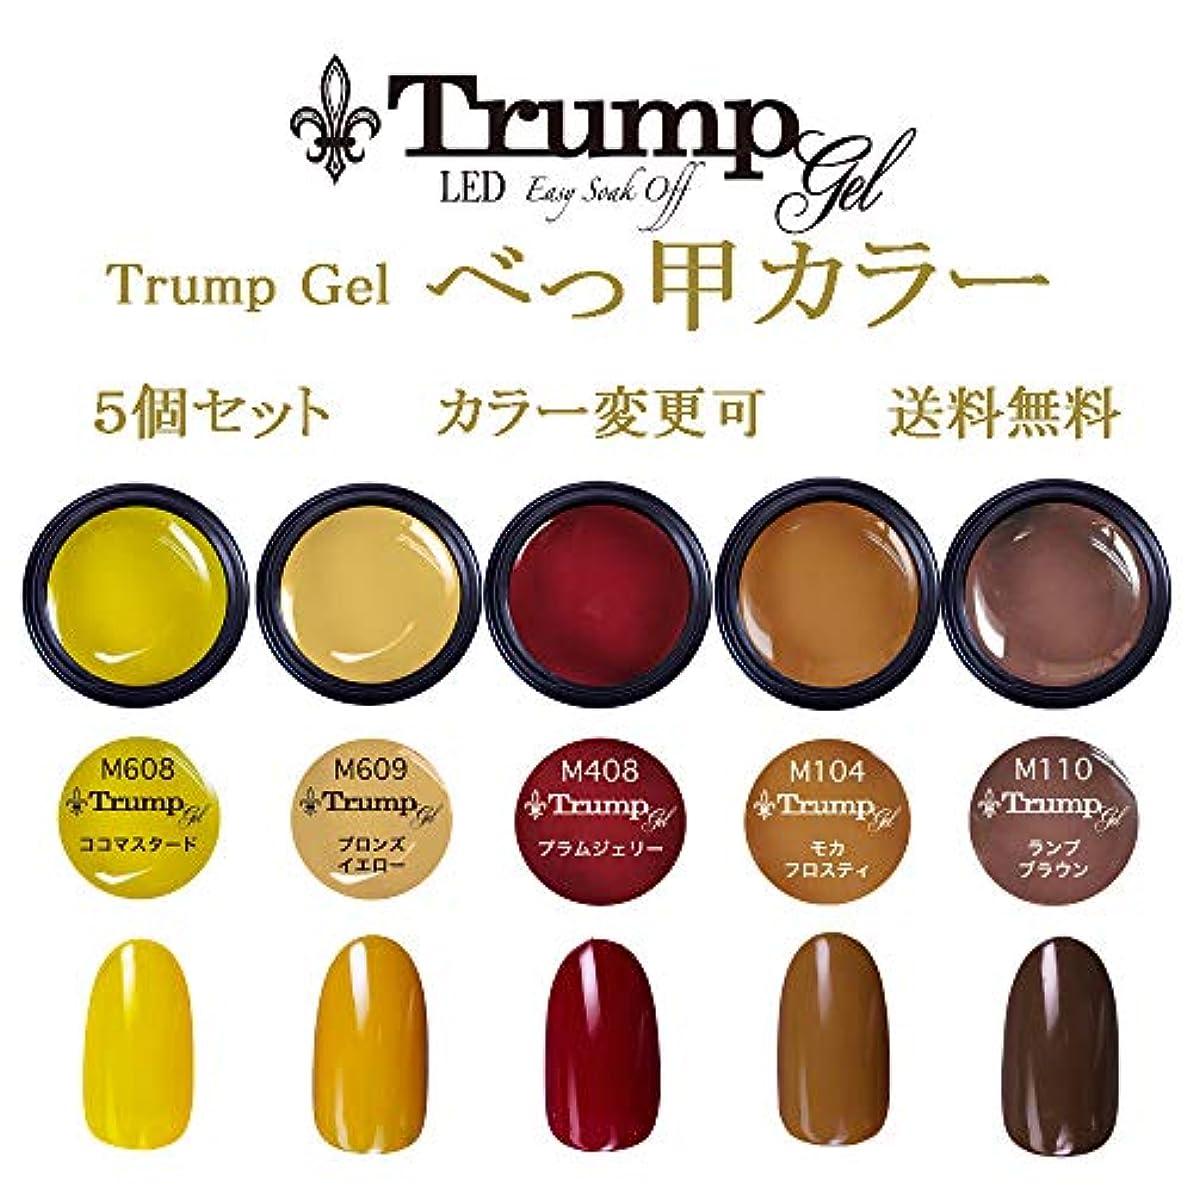 一般化する移行する行き当たりばったり日本製 Trump gel トランプジェル べっ甲 ネイルカラー 選べる カラージェル 5個セット イエロー ブラウン ワイン べっこう